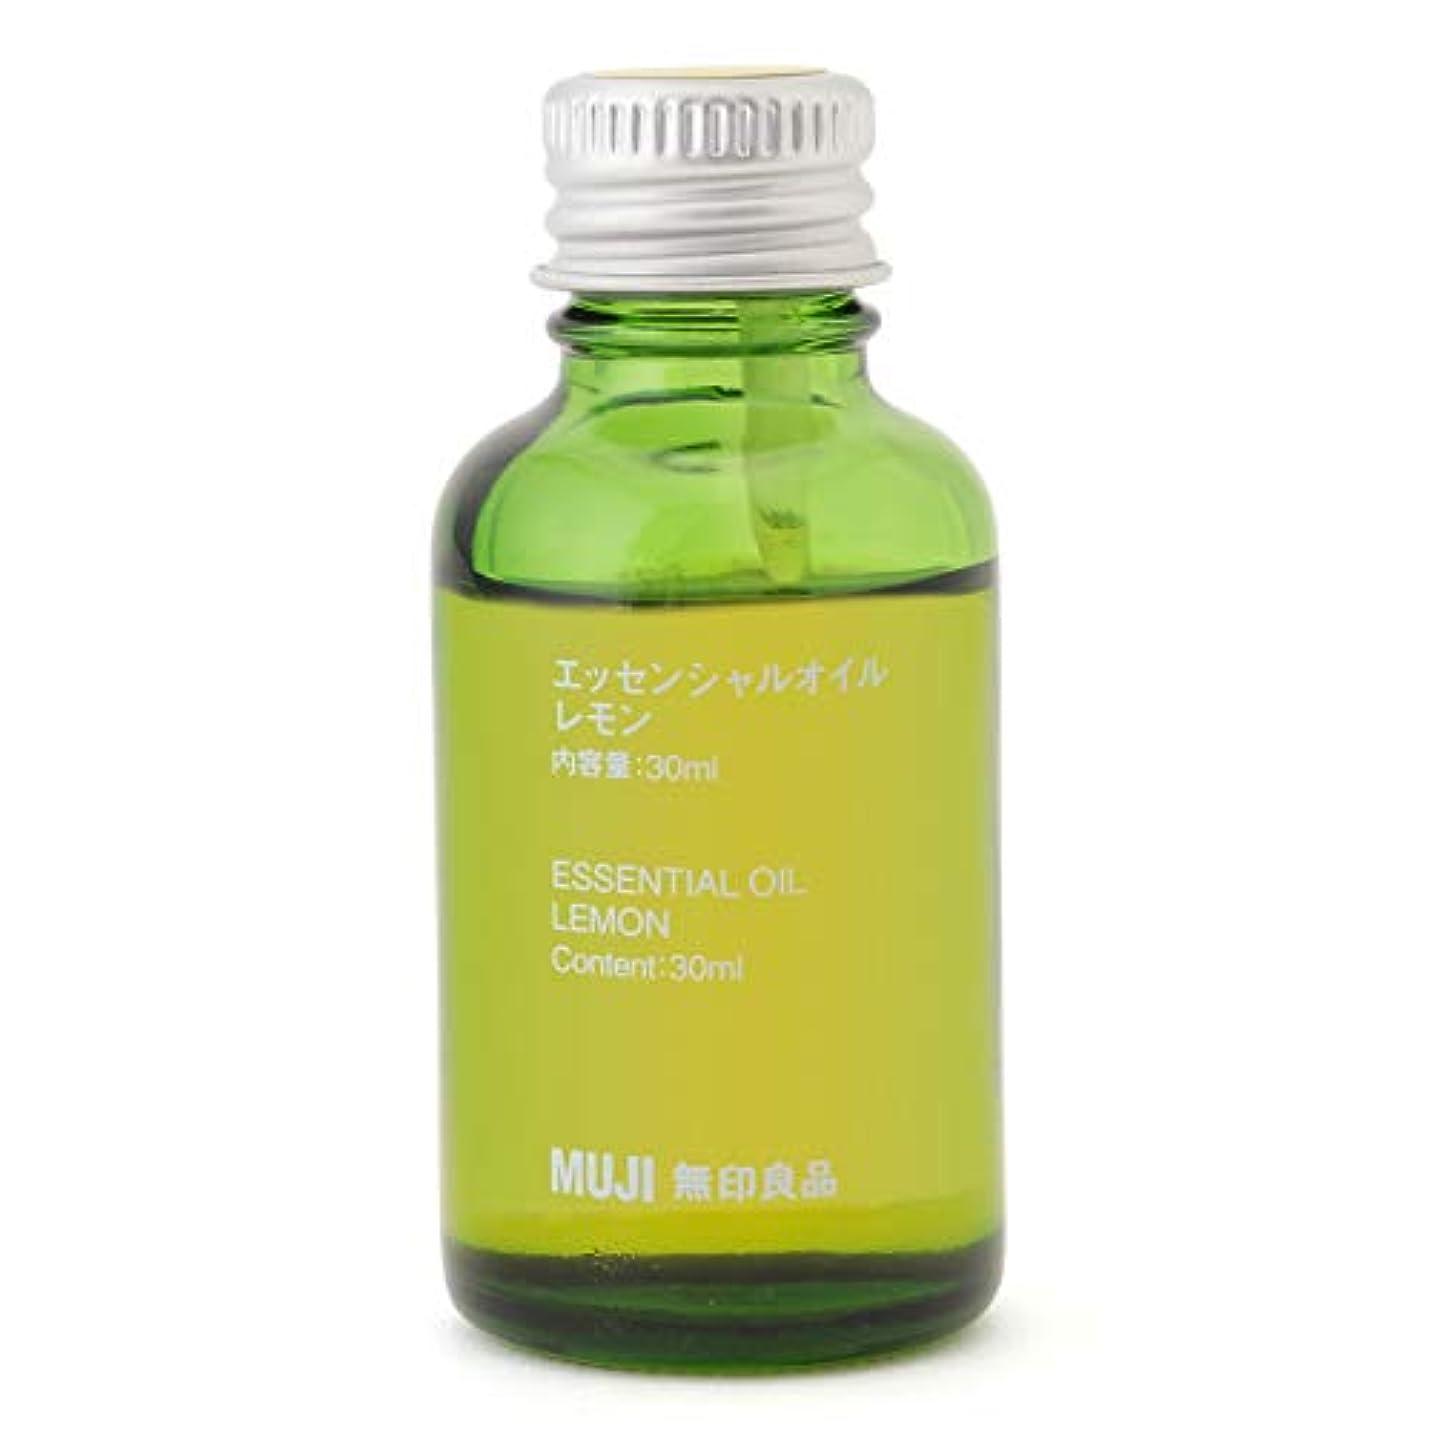 文庫本レスリング恵み【無印良品】エッセンシャルオイル30ml(レモン)